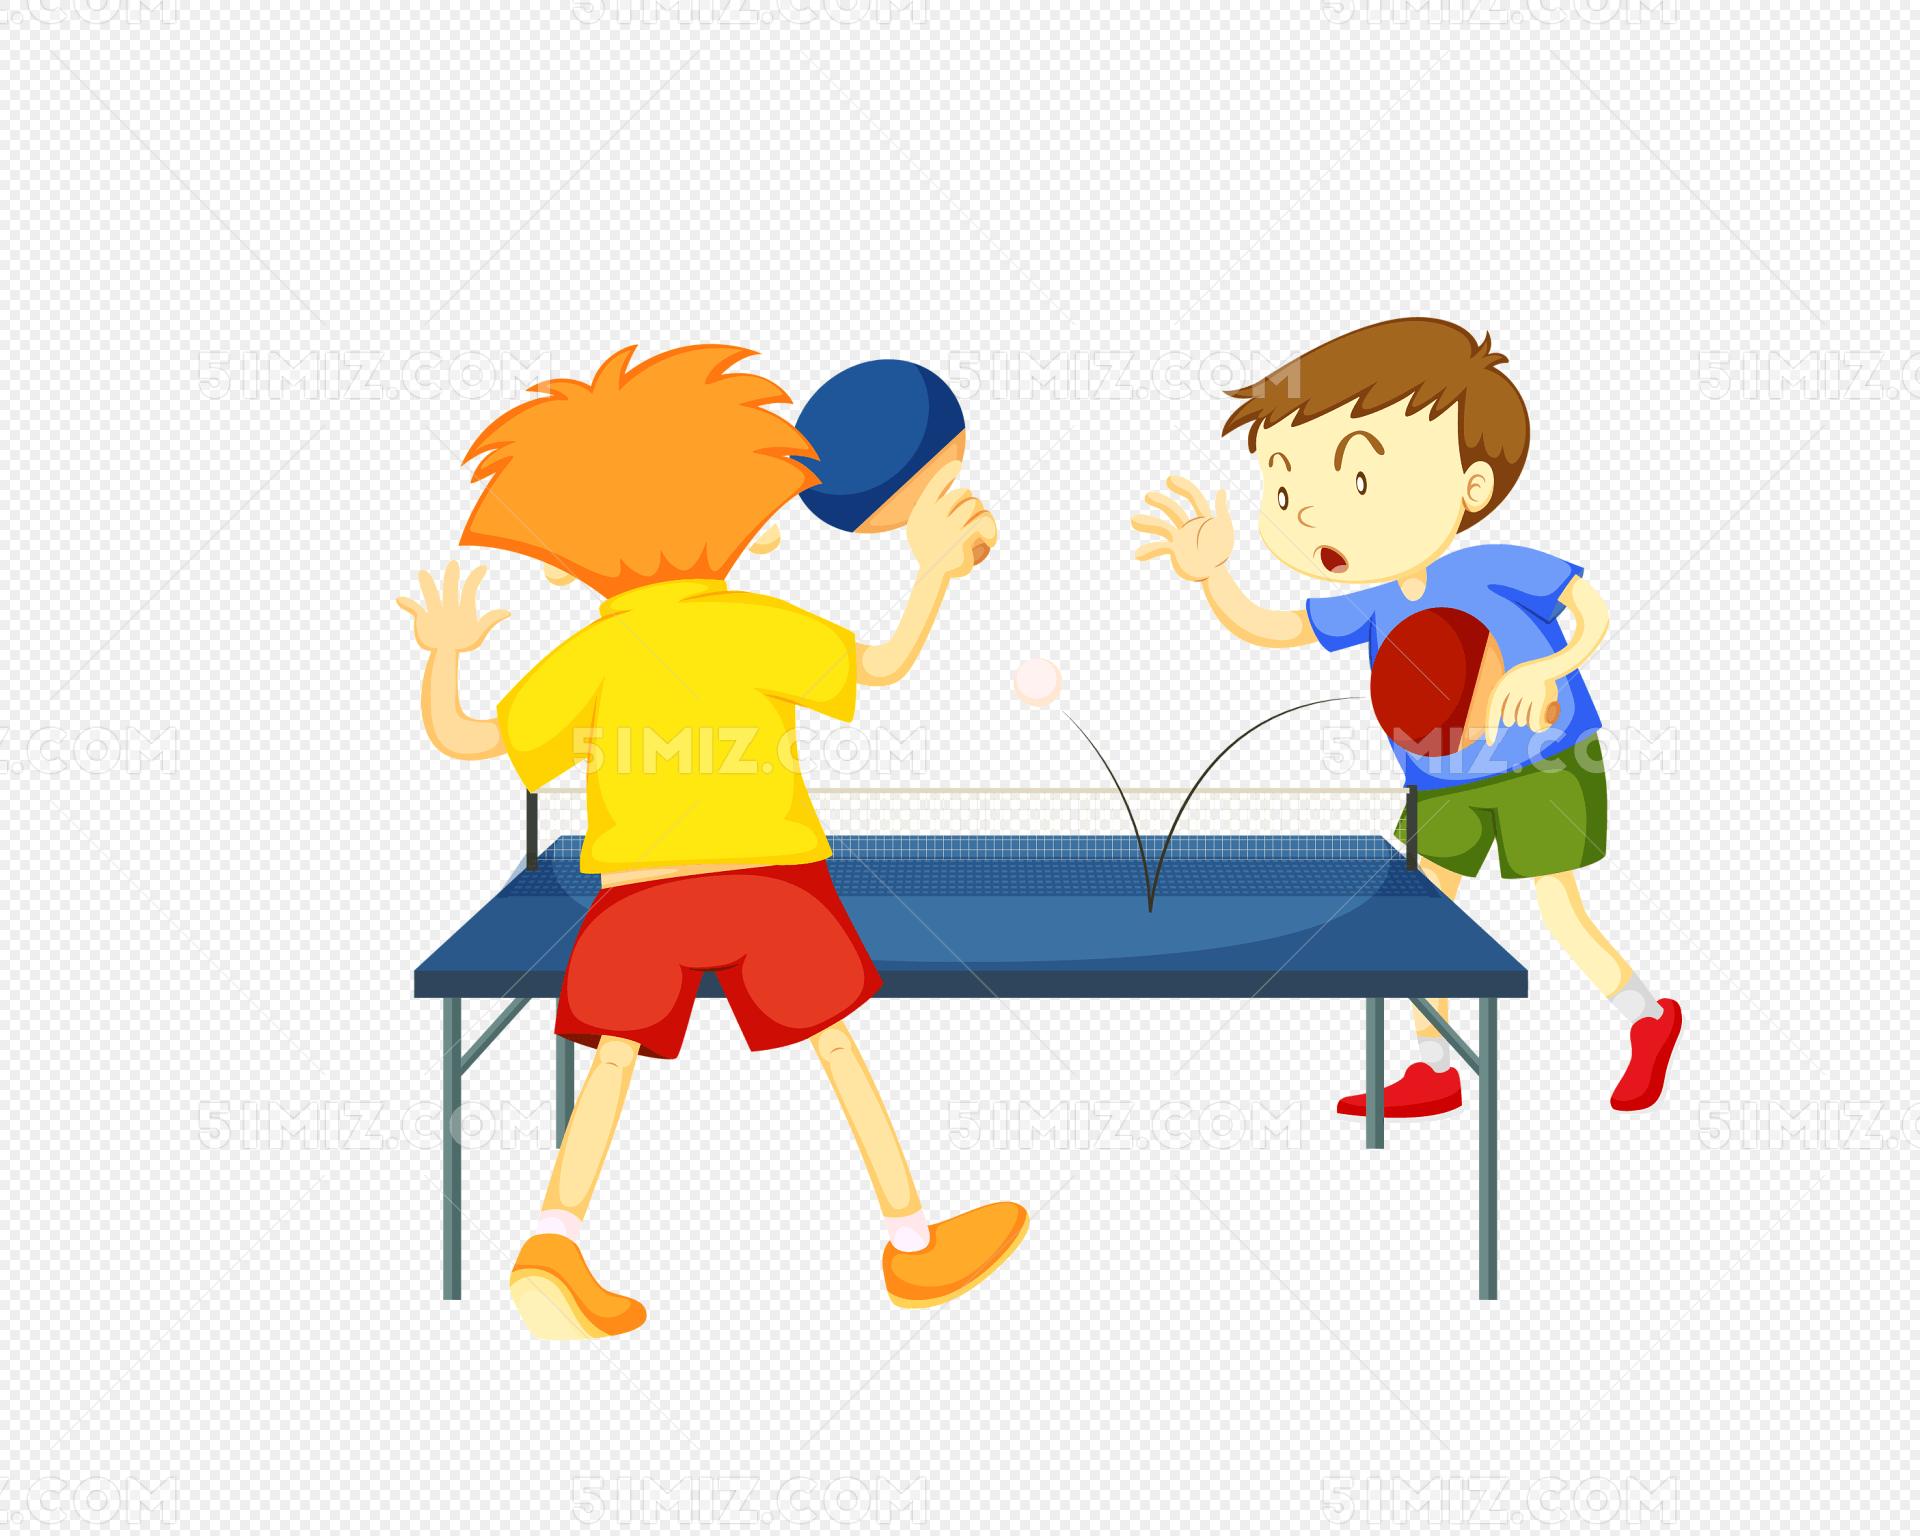 矢量卡通手繪校園乒乓球運動會